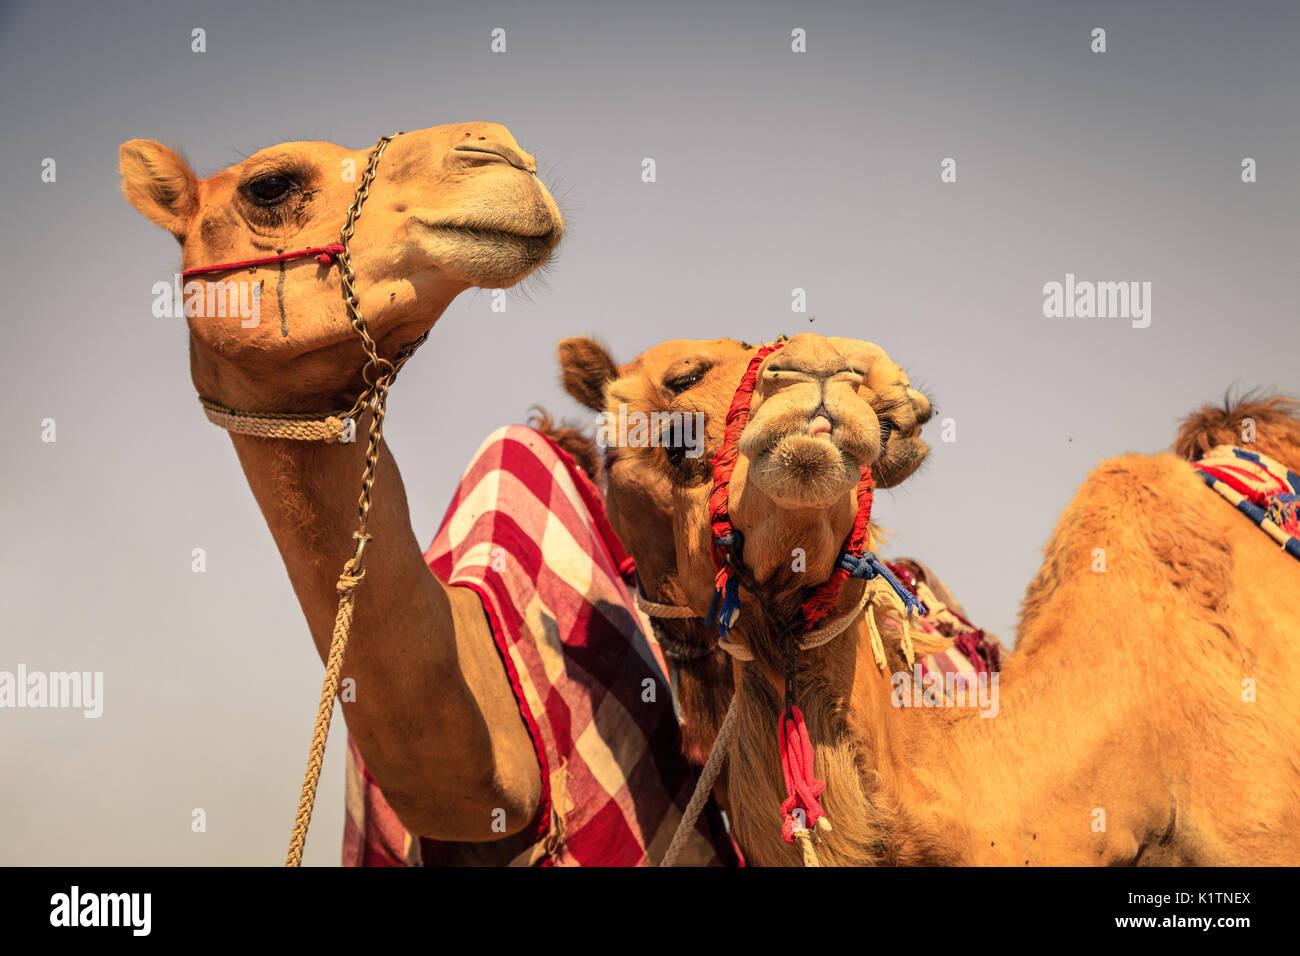 Las carreras de camellos en Dubai, EAU Club de Carreras de Camellos Imagen De Stock